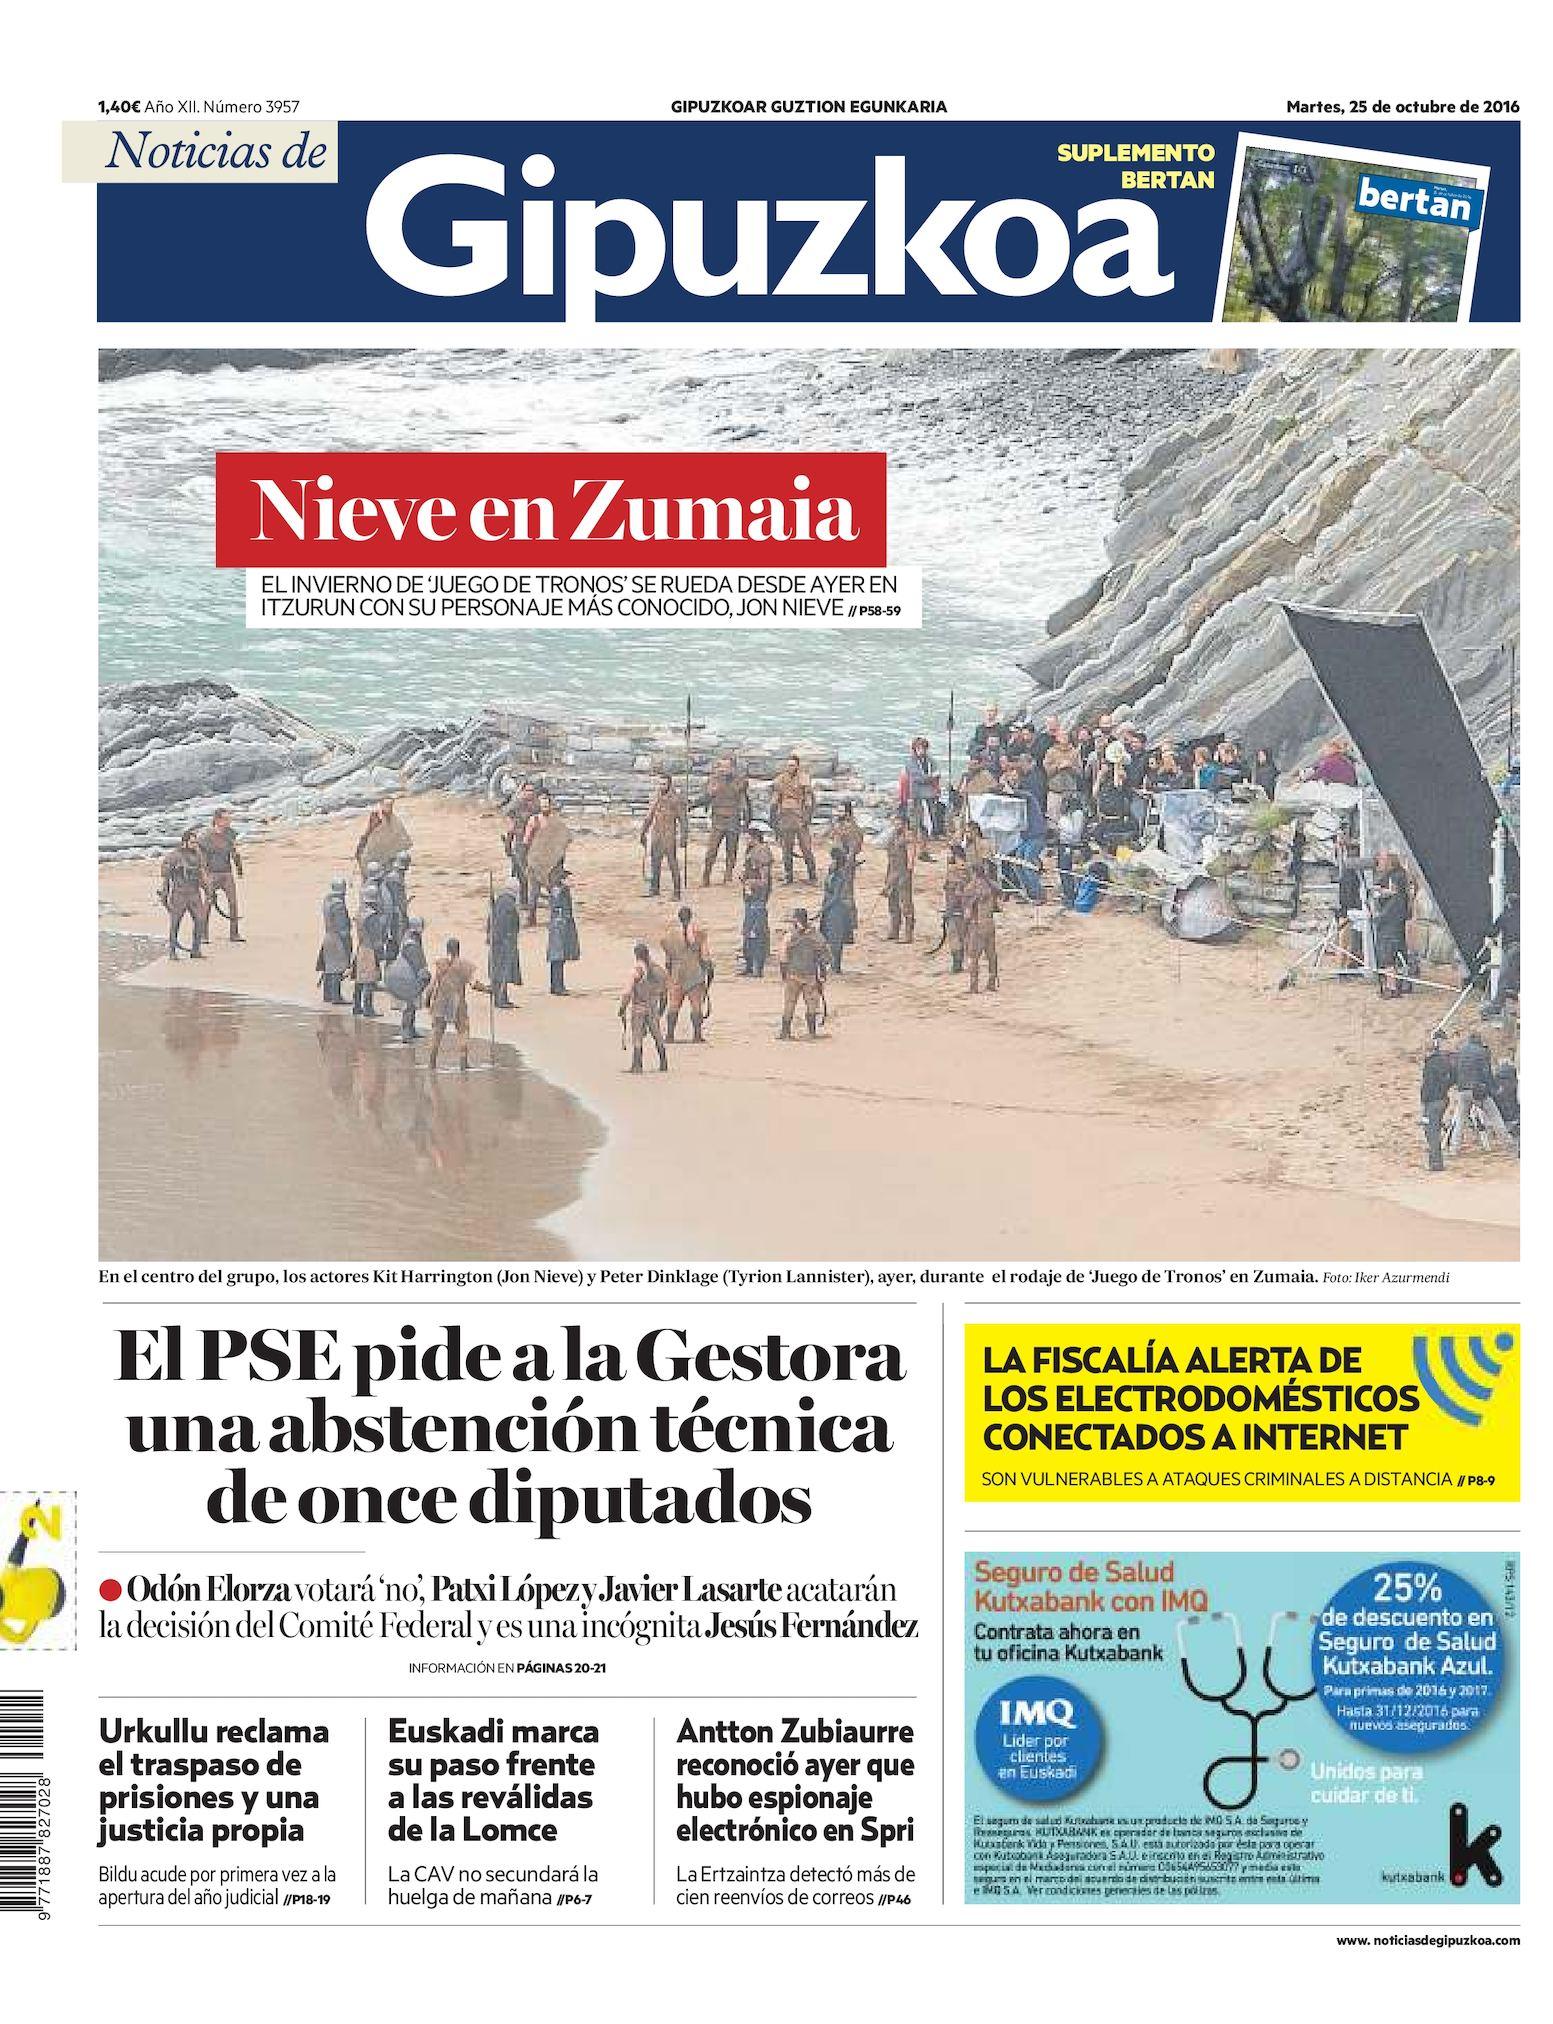 bc25e4f2950 Calaméo - Noticias de Gipuzkoa 20161025